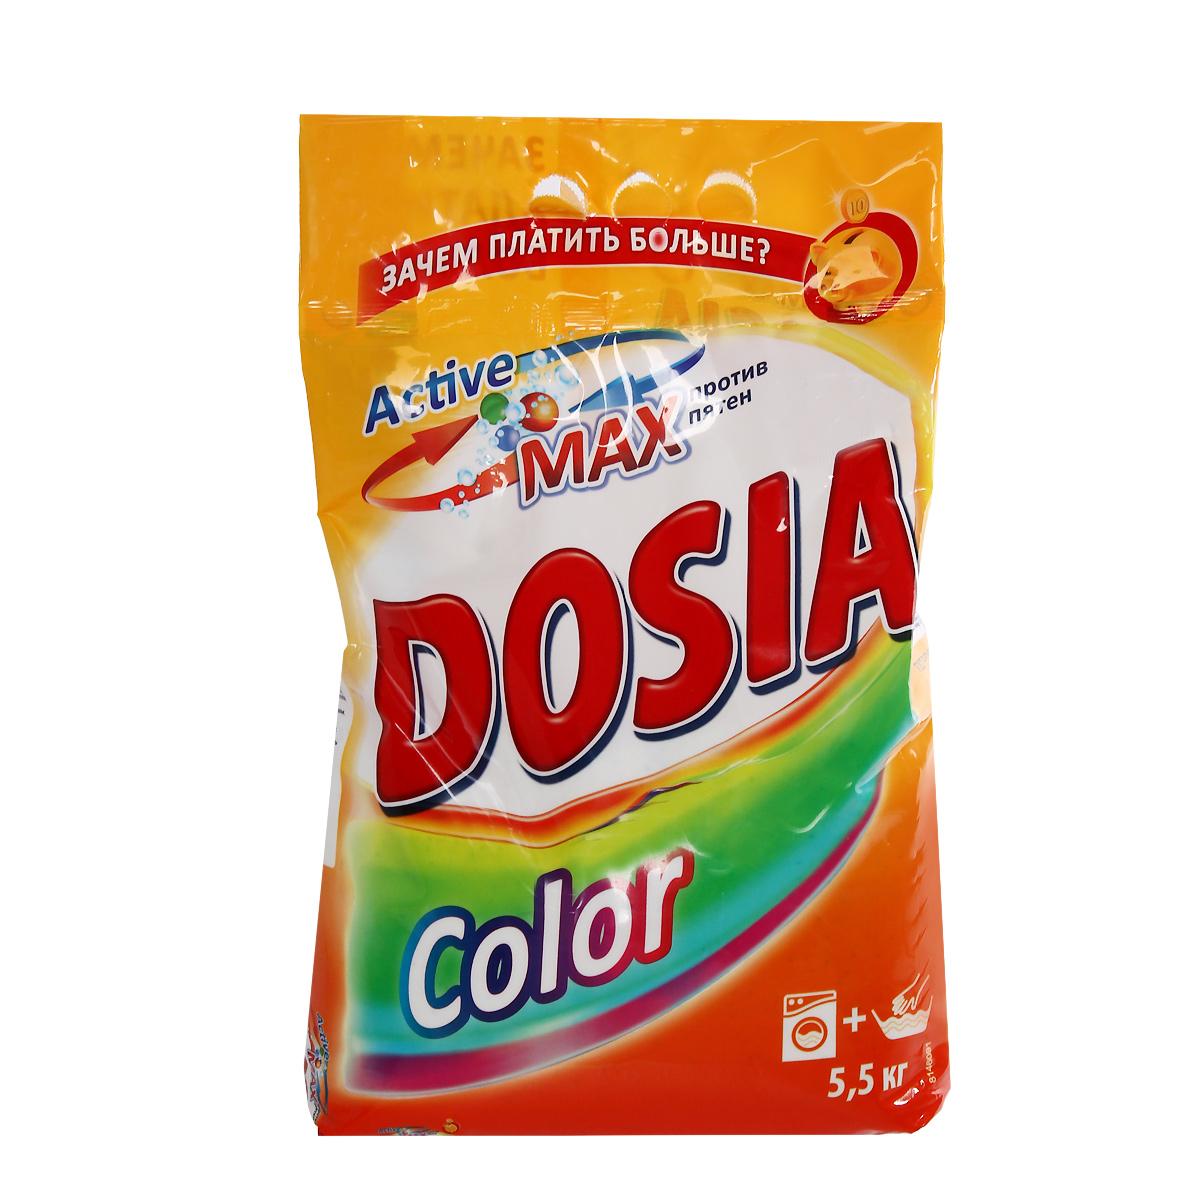 Стиральный порошок Dosia Color, аромат свежести, 5,5 кг7504191Стиральный порошок Dosia Color предназначен для стиркив стиральных машинах любого типа, также подходит для ручной стирки. Стиральный порошок содержит комплекс элементов, благодаря которым белье после стирки становиться чистым и свежим. Стиральный порошок Dosia Color для цветного белья бережно удаляет пятна, сохраняя свежий цвет ваших вещей стирка за стиркой! Порошок содержит компоненты, помогающие защитить стиральную машину от накипи и известкового налета. Характеристики: Вес порошка: 5,5 кг. Товар сертифицирован. Уважаемые клиенты!Обращаем ваше внимание на возможные изменения в дизайне упаковки.